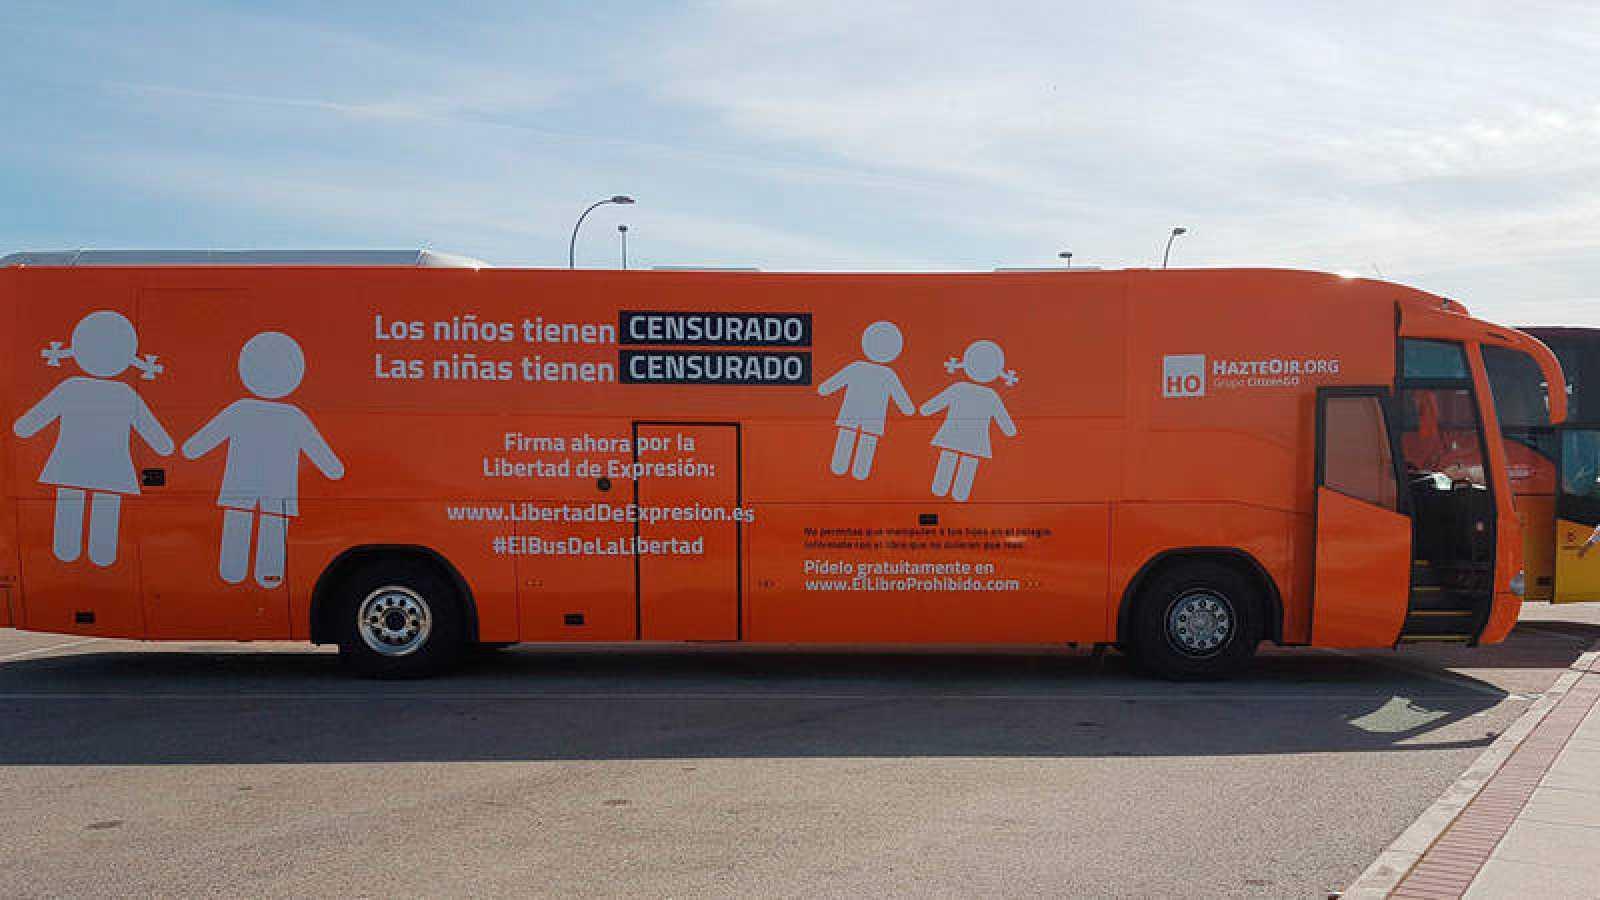 Tercera versión del autobús promocional de la organización ultracatólica Hazte Oír, en una imagen distribuida por el propio colectivo en su cuenta de Twitter